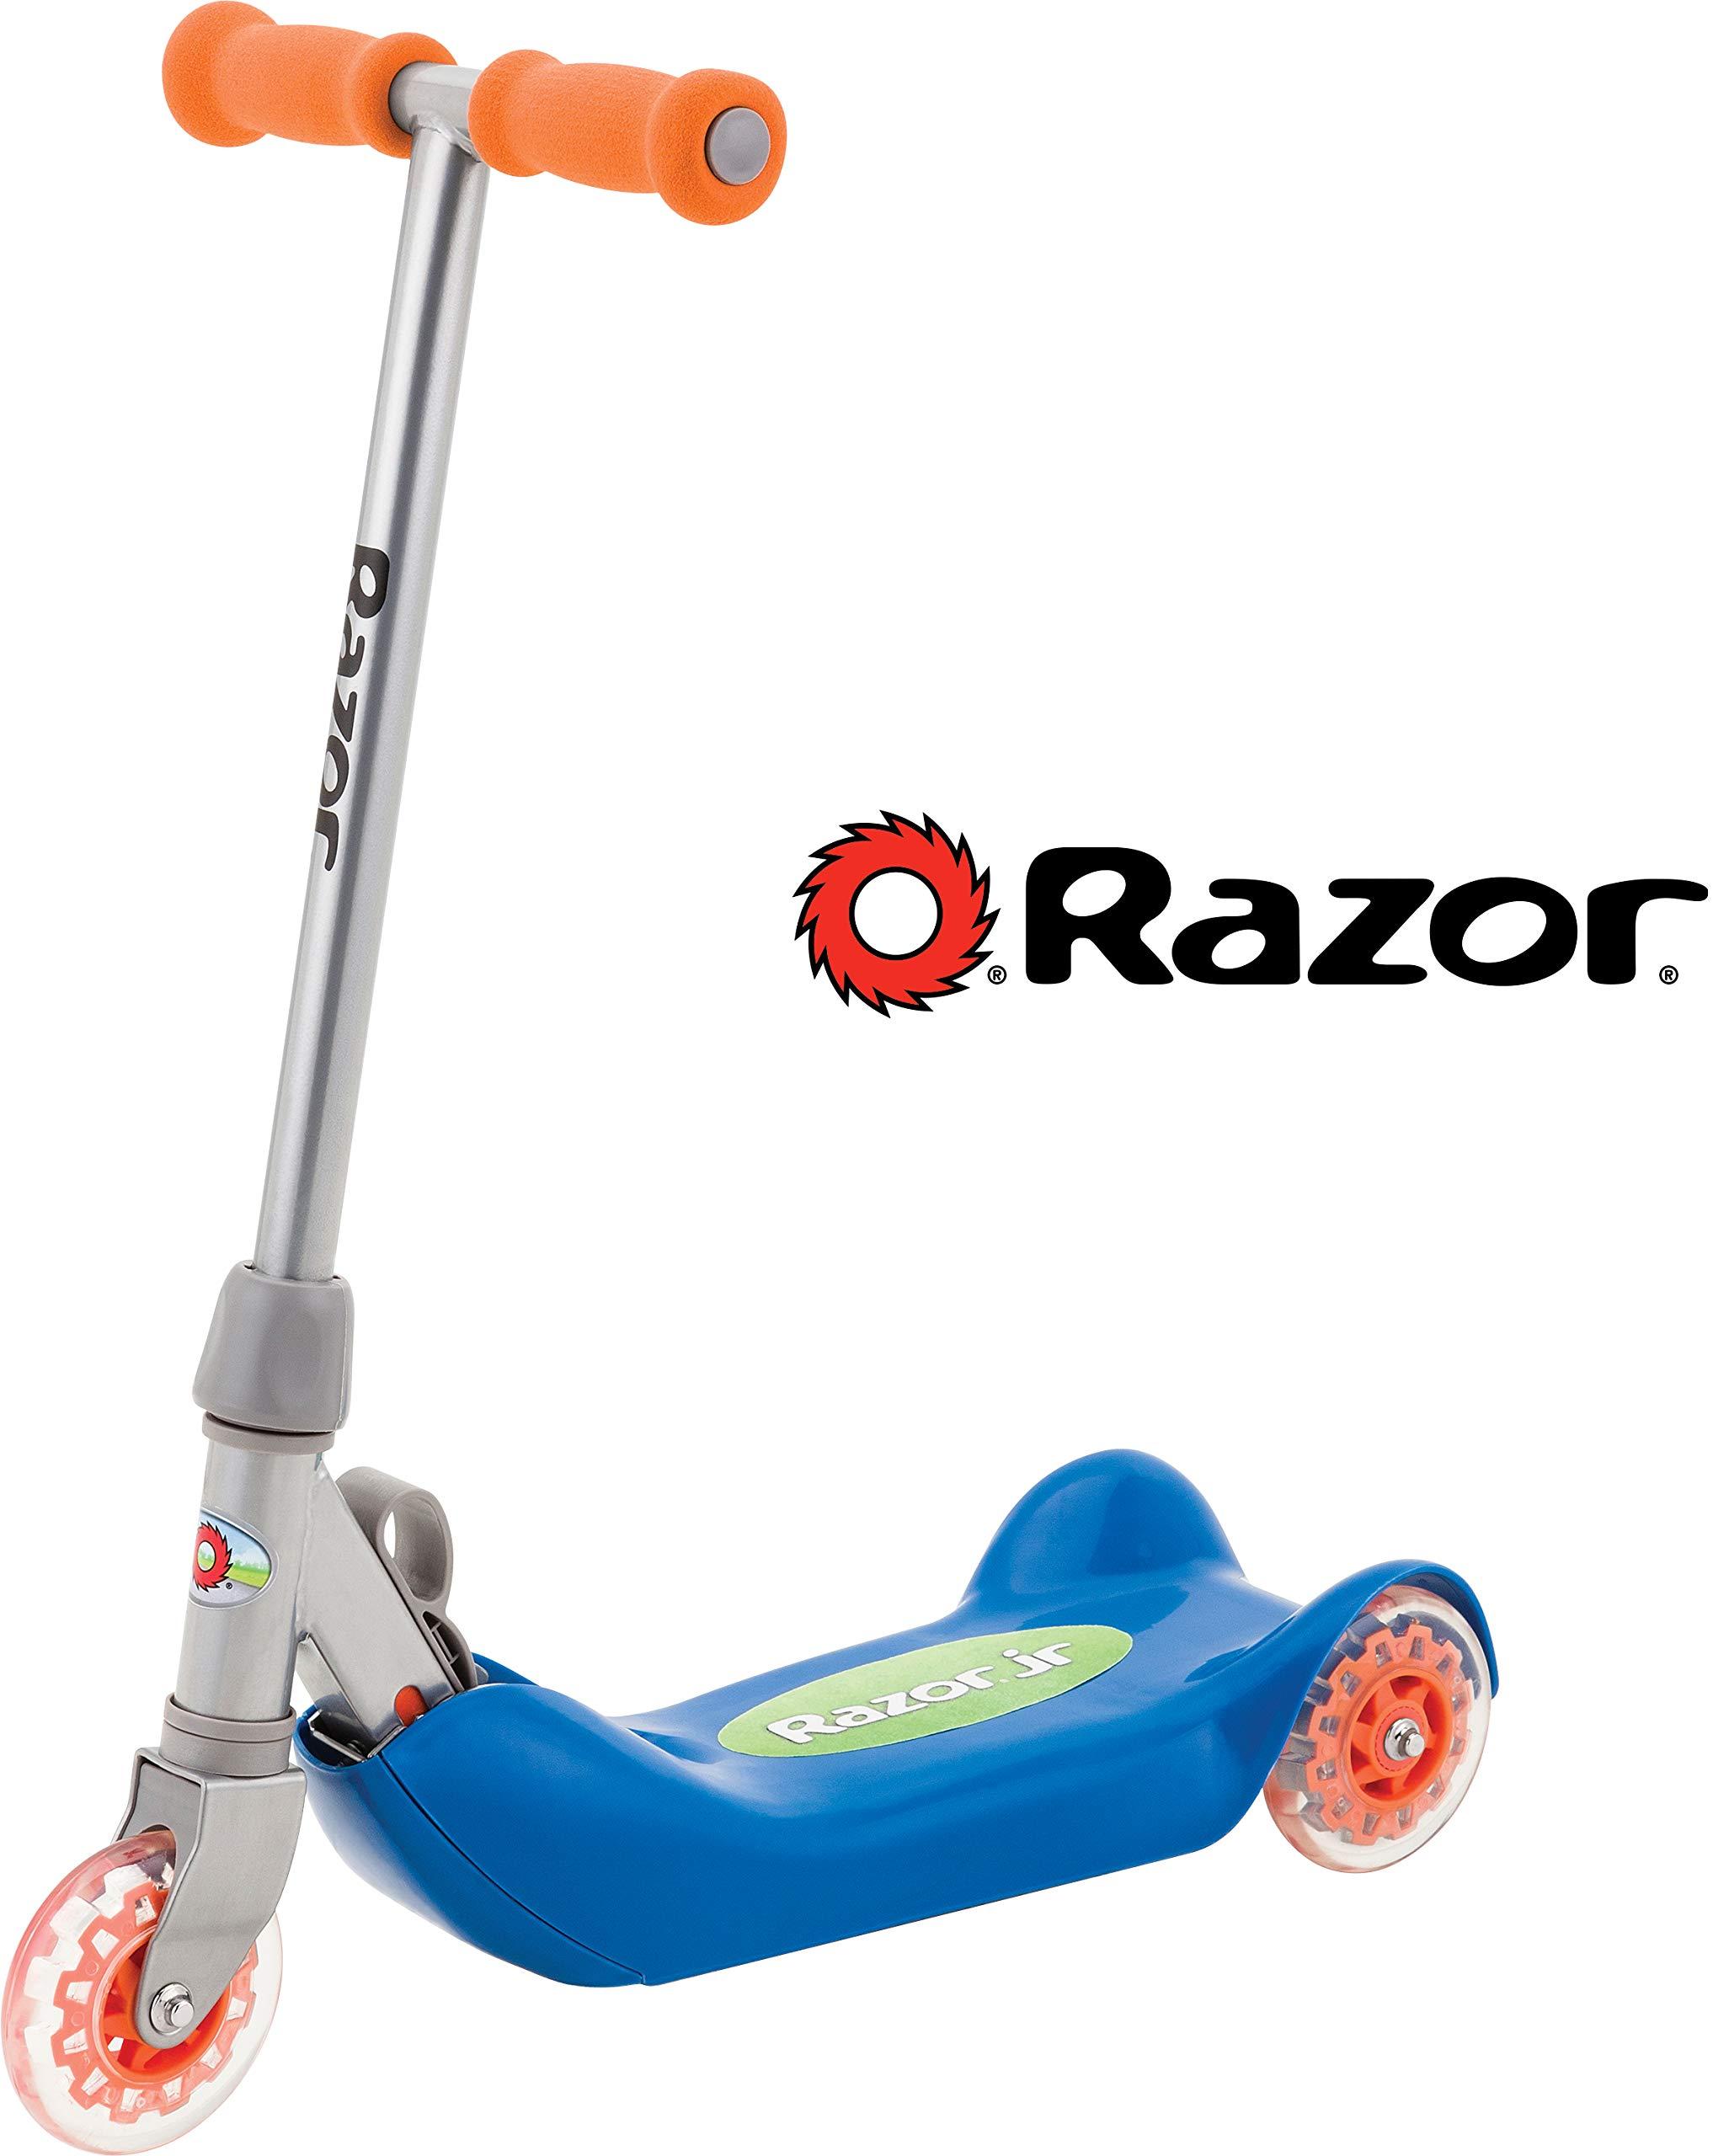 Razor Jr. Folding Kiddie Kick Scooter - Blue by Razor